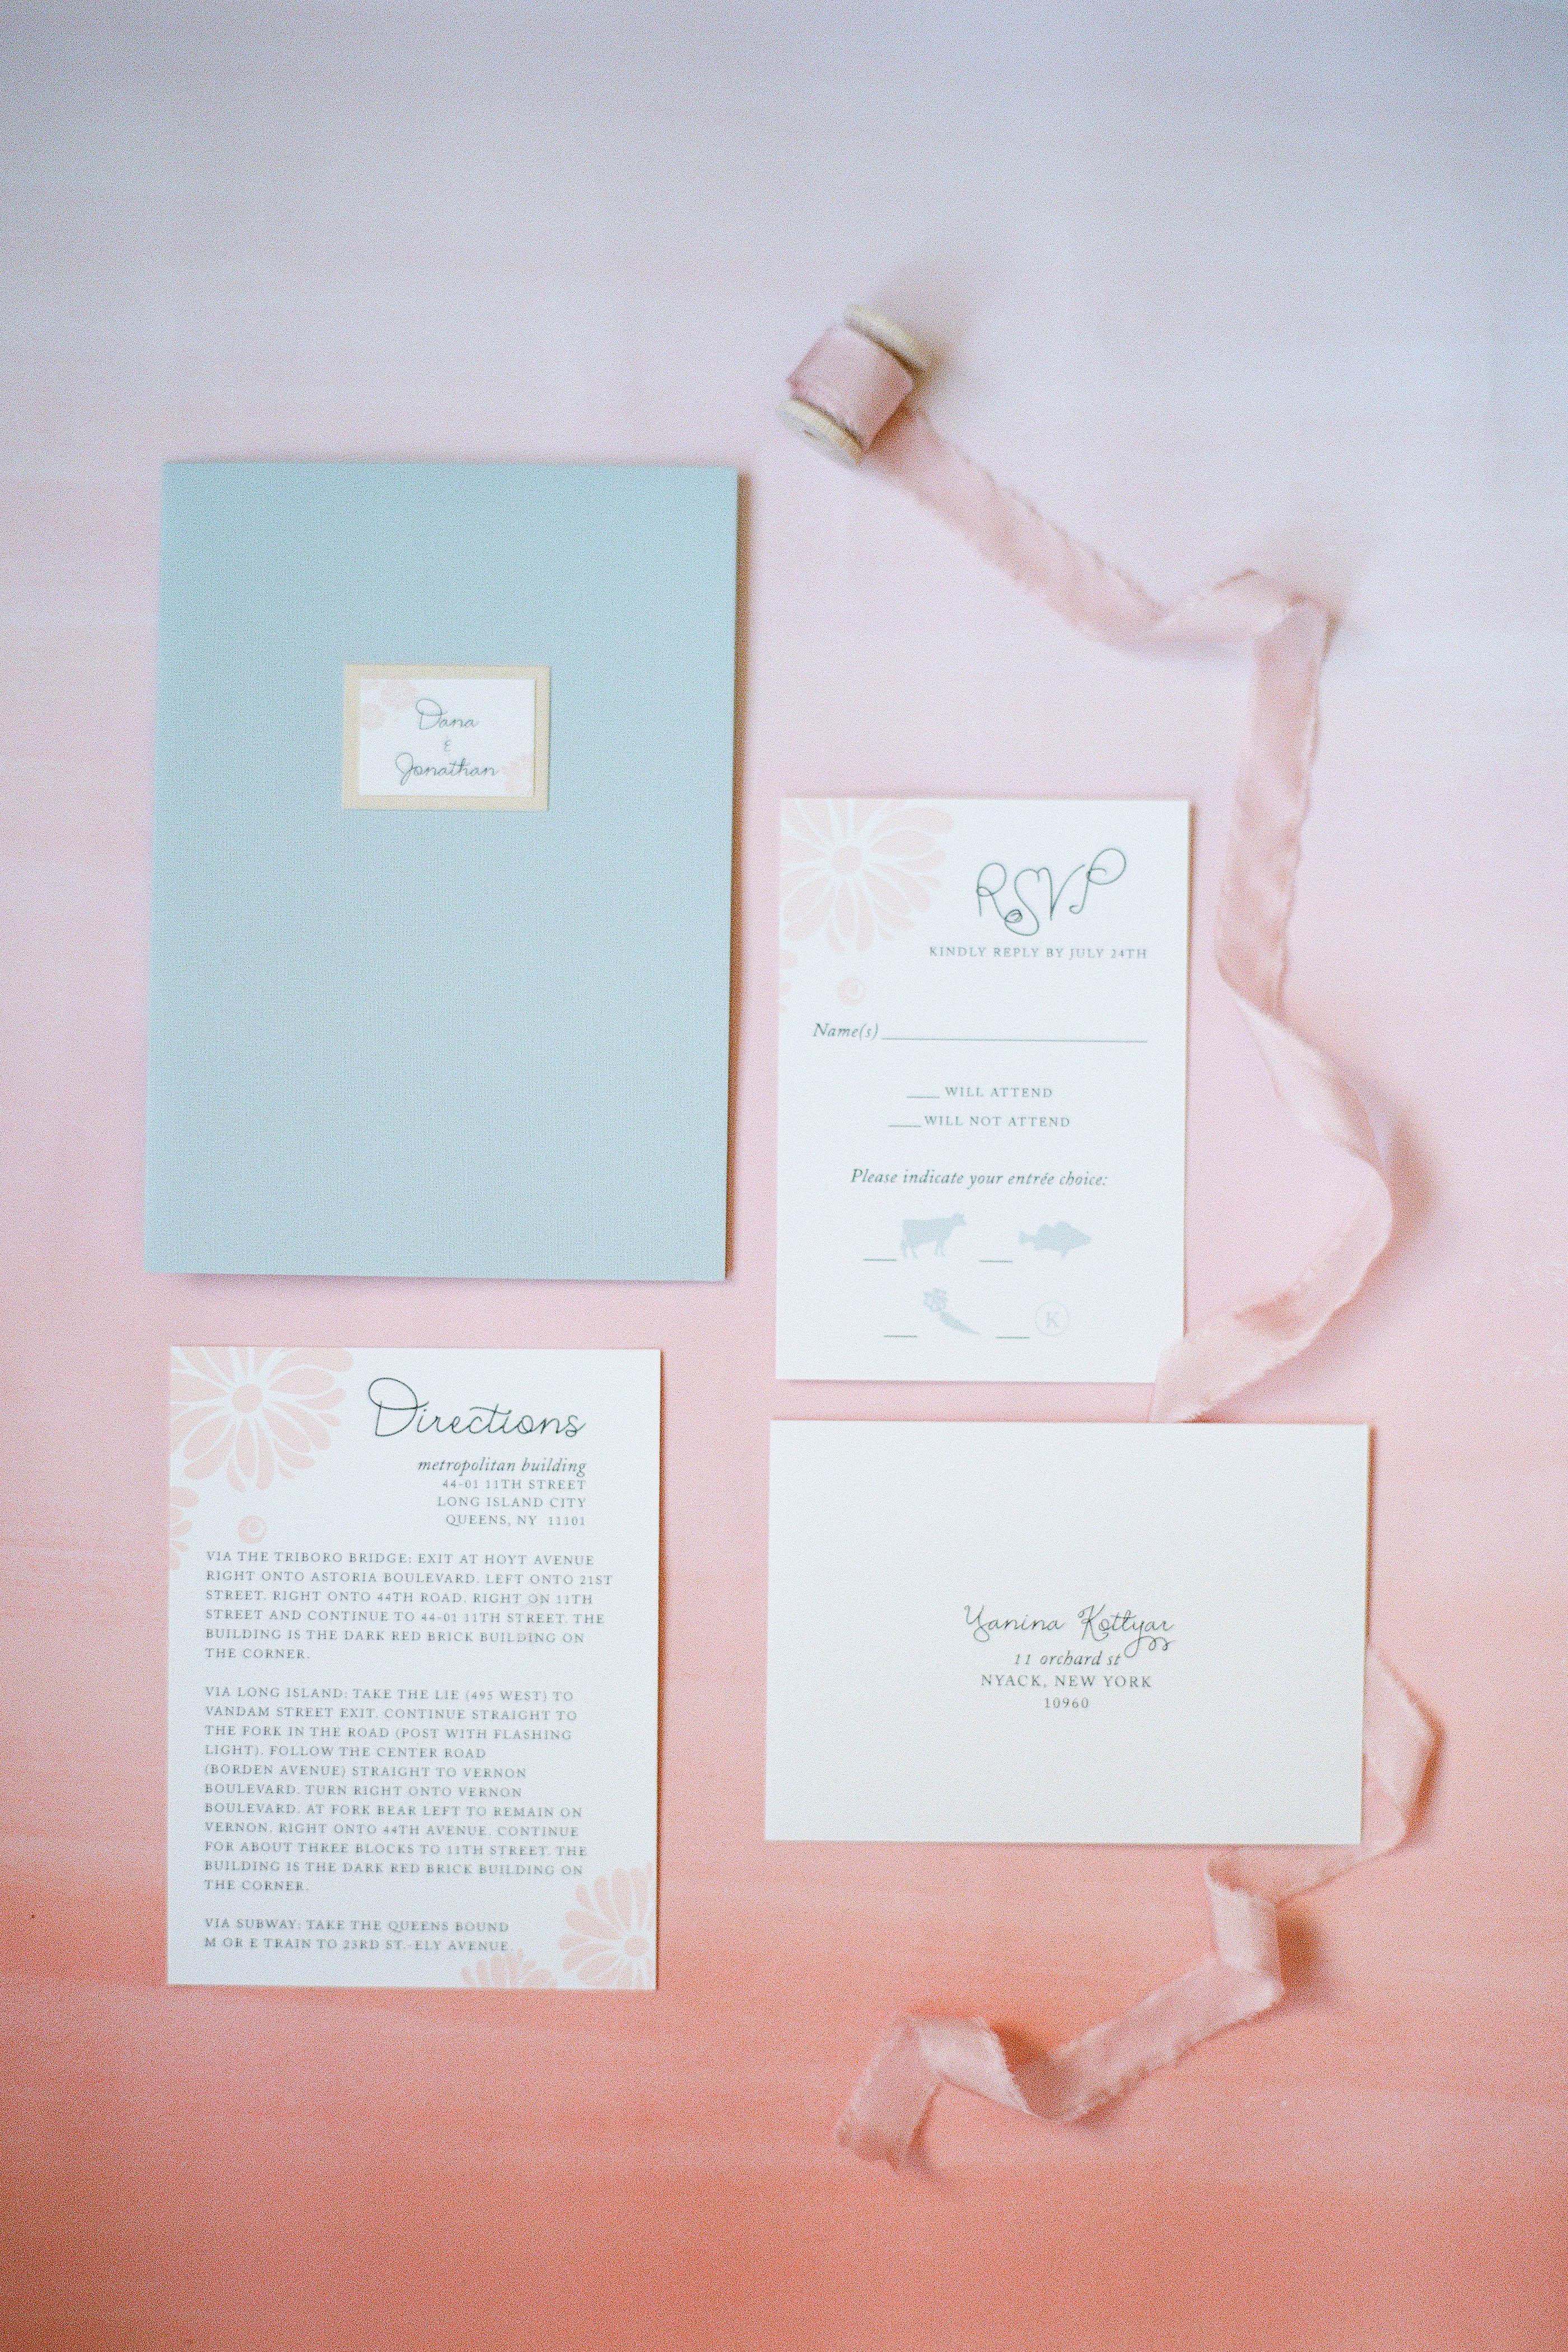 invitation-protocol-provide-directions-0117